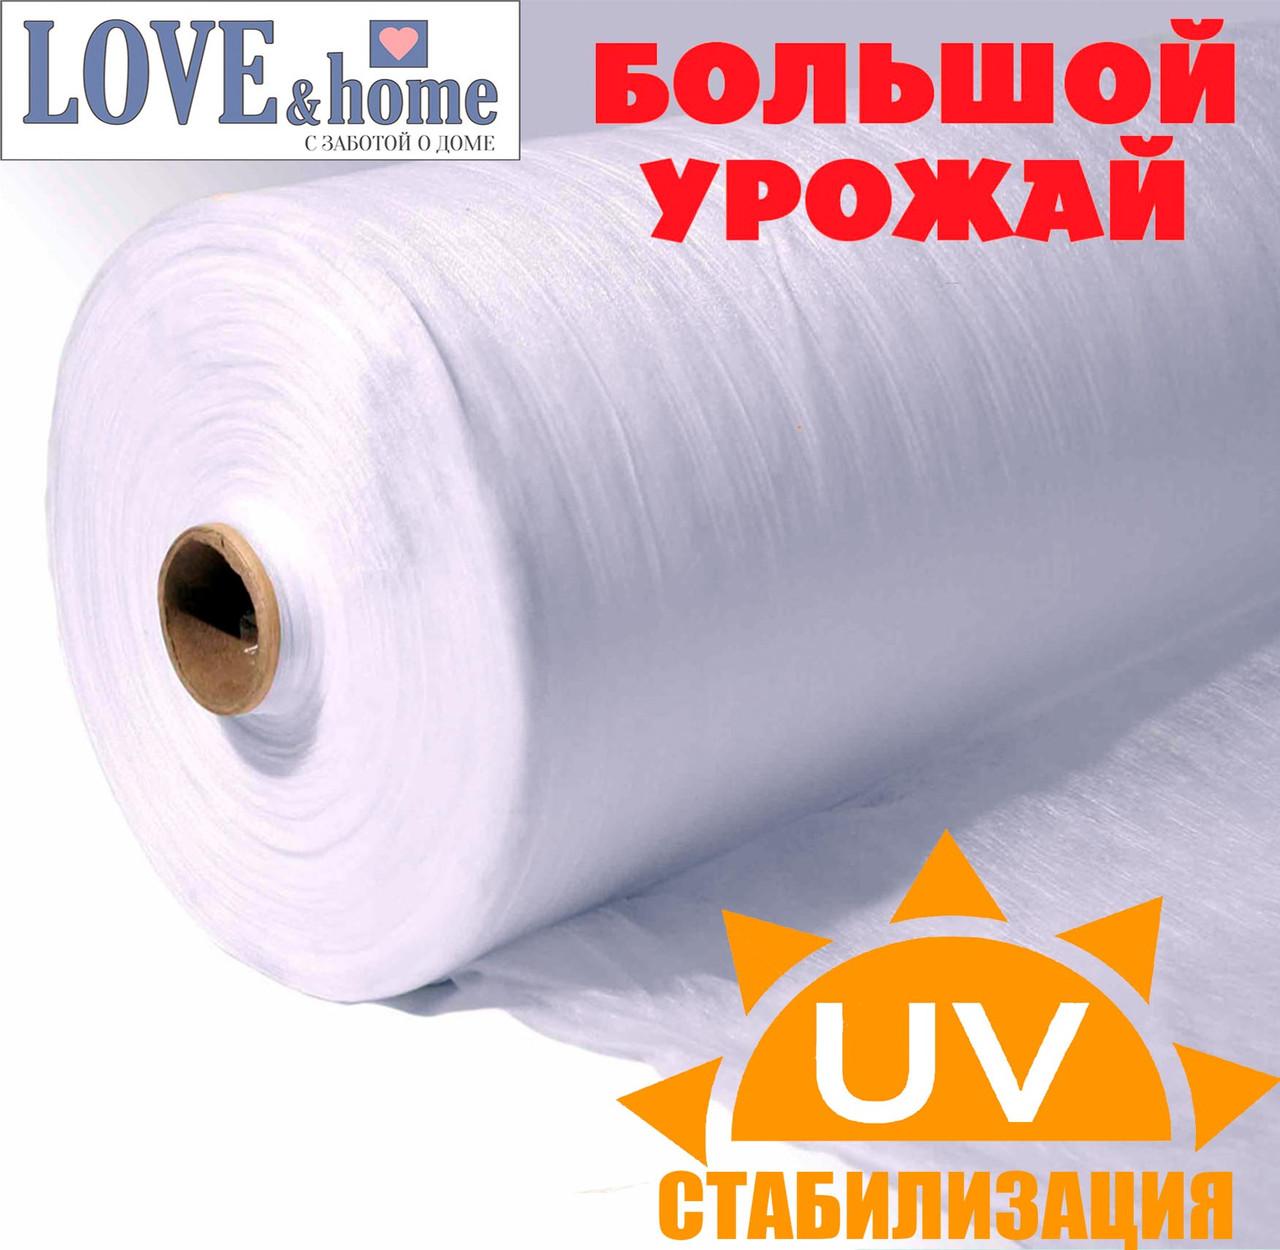 Агроволокно біле, щільність 23г/м2. ширина 6.4 м. довжина 100м.